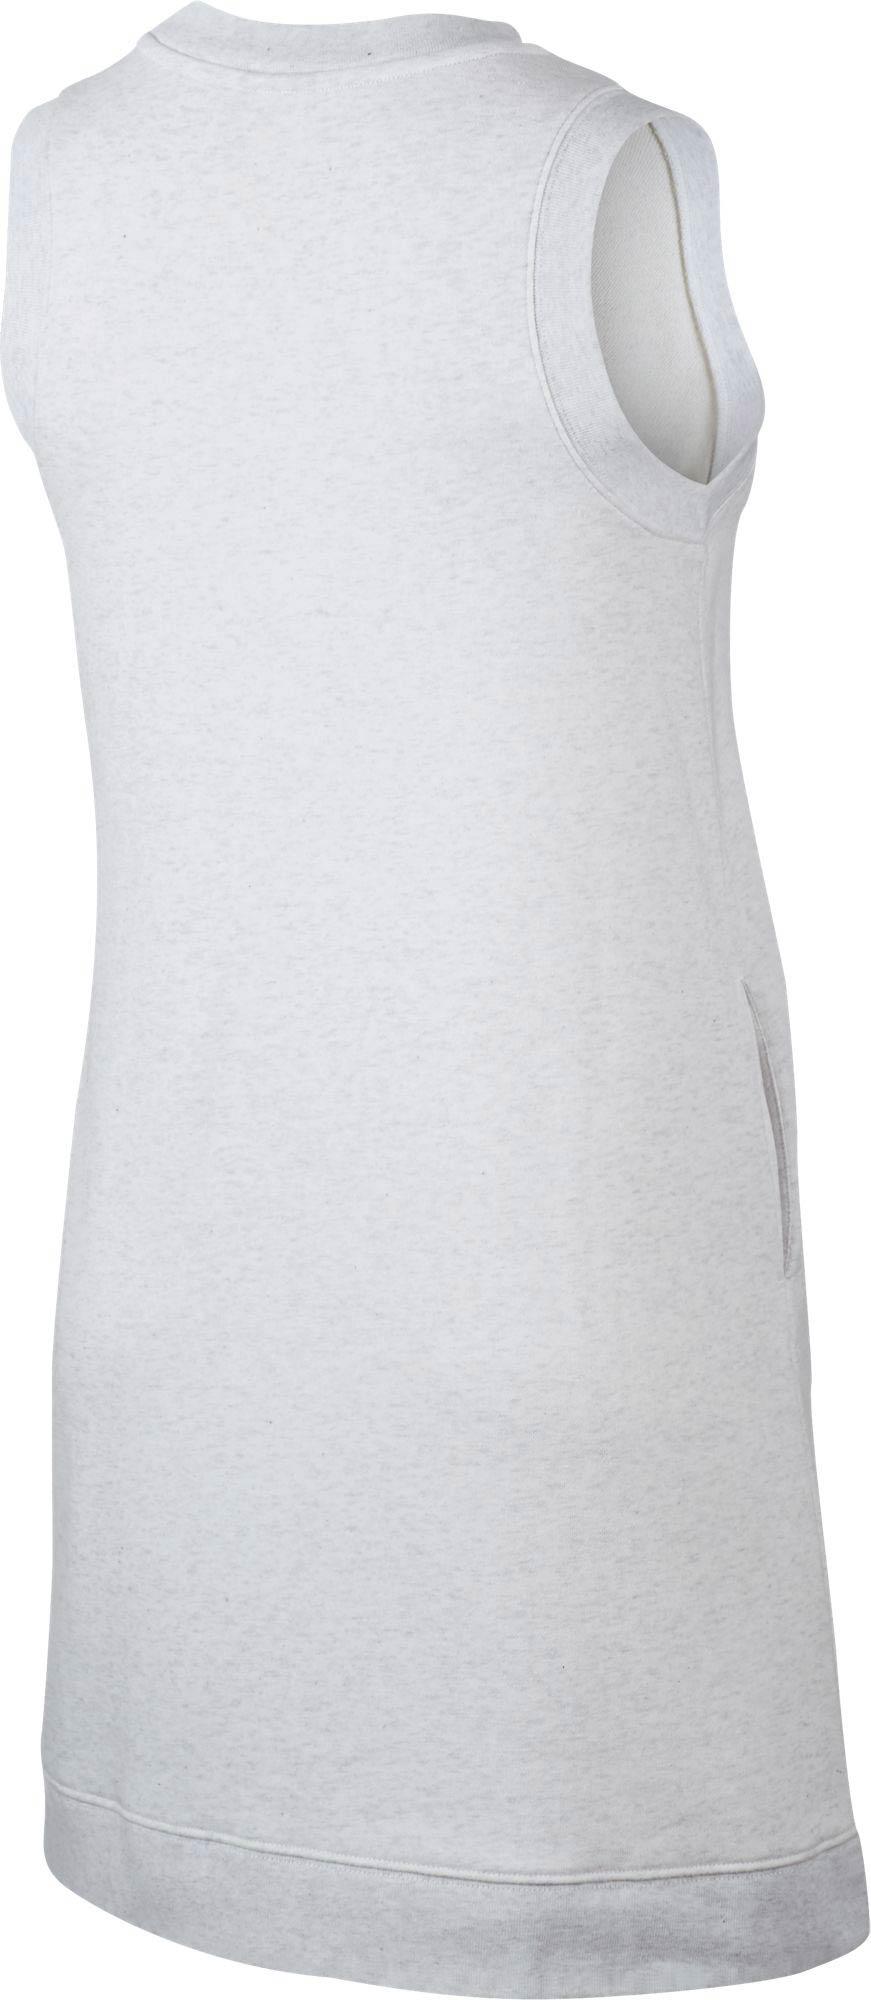 5693b9672d3c Nike NSW DRSS FT W. Dámské šaty. Dámské šaty